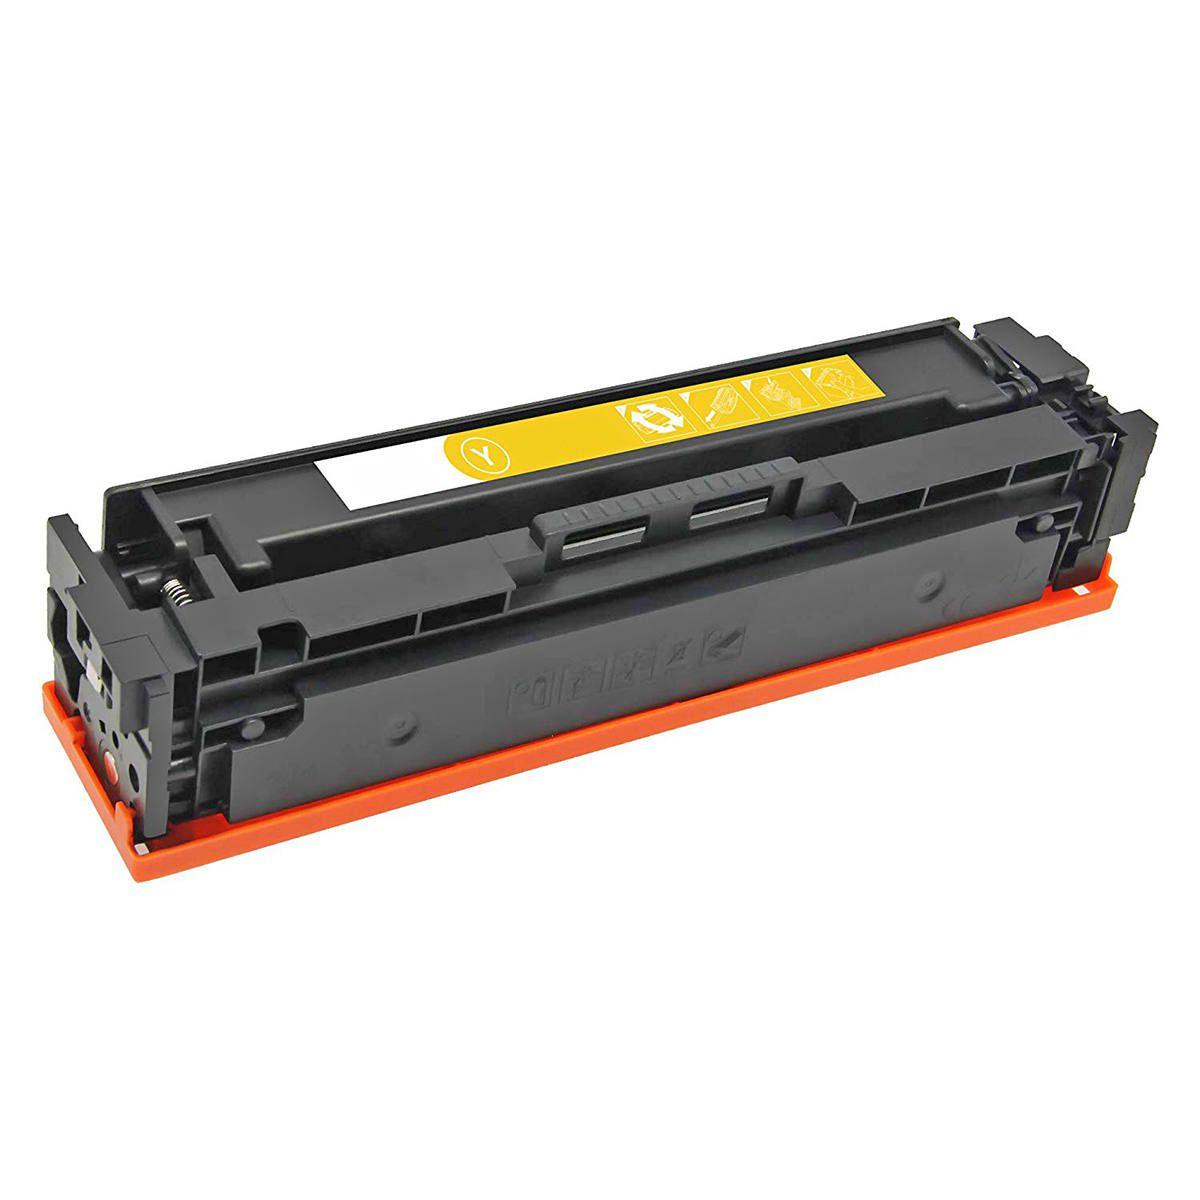 Compatível: Toner CF532A 205A para Impressora HP M-180n M-180nw M-181fw M-154a M-154nw M180nw M154nw / Amarelo / 900